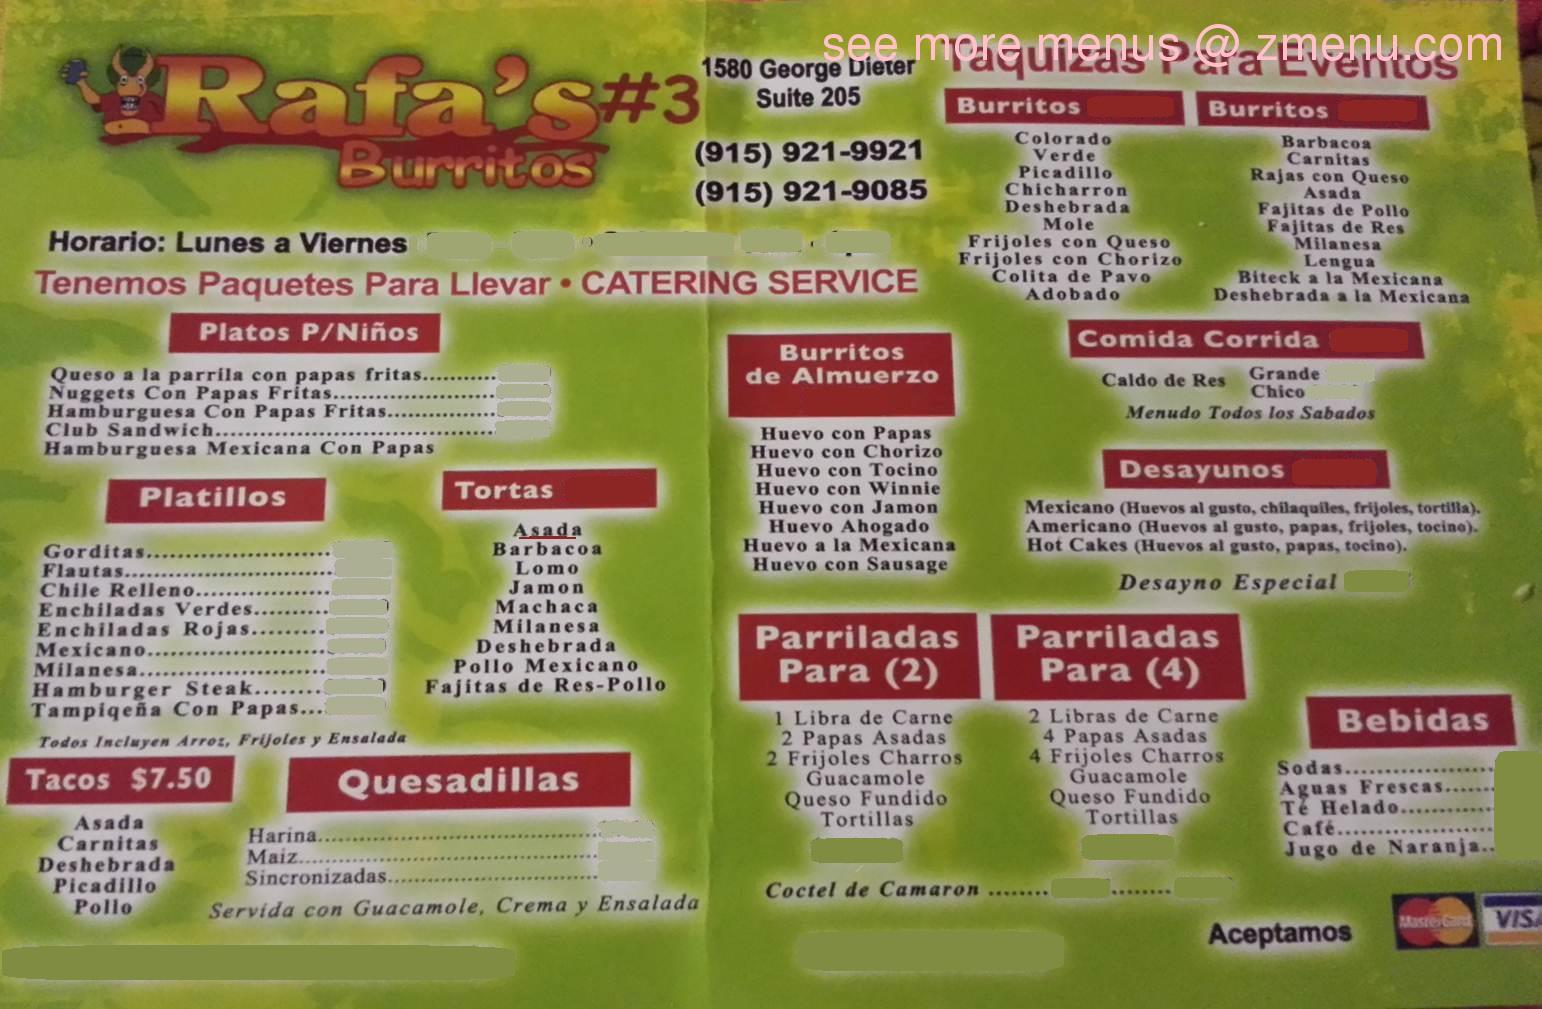 Online Menu Of Rafa S Burritos Restaurant El Paso Texas